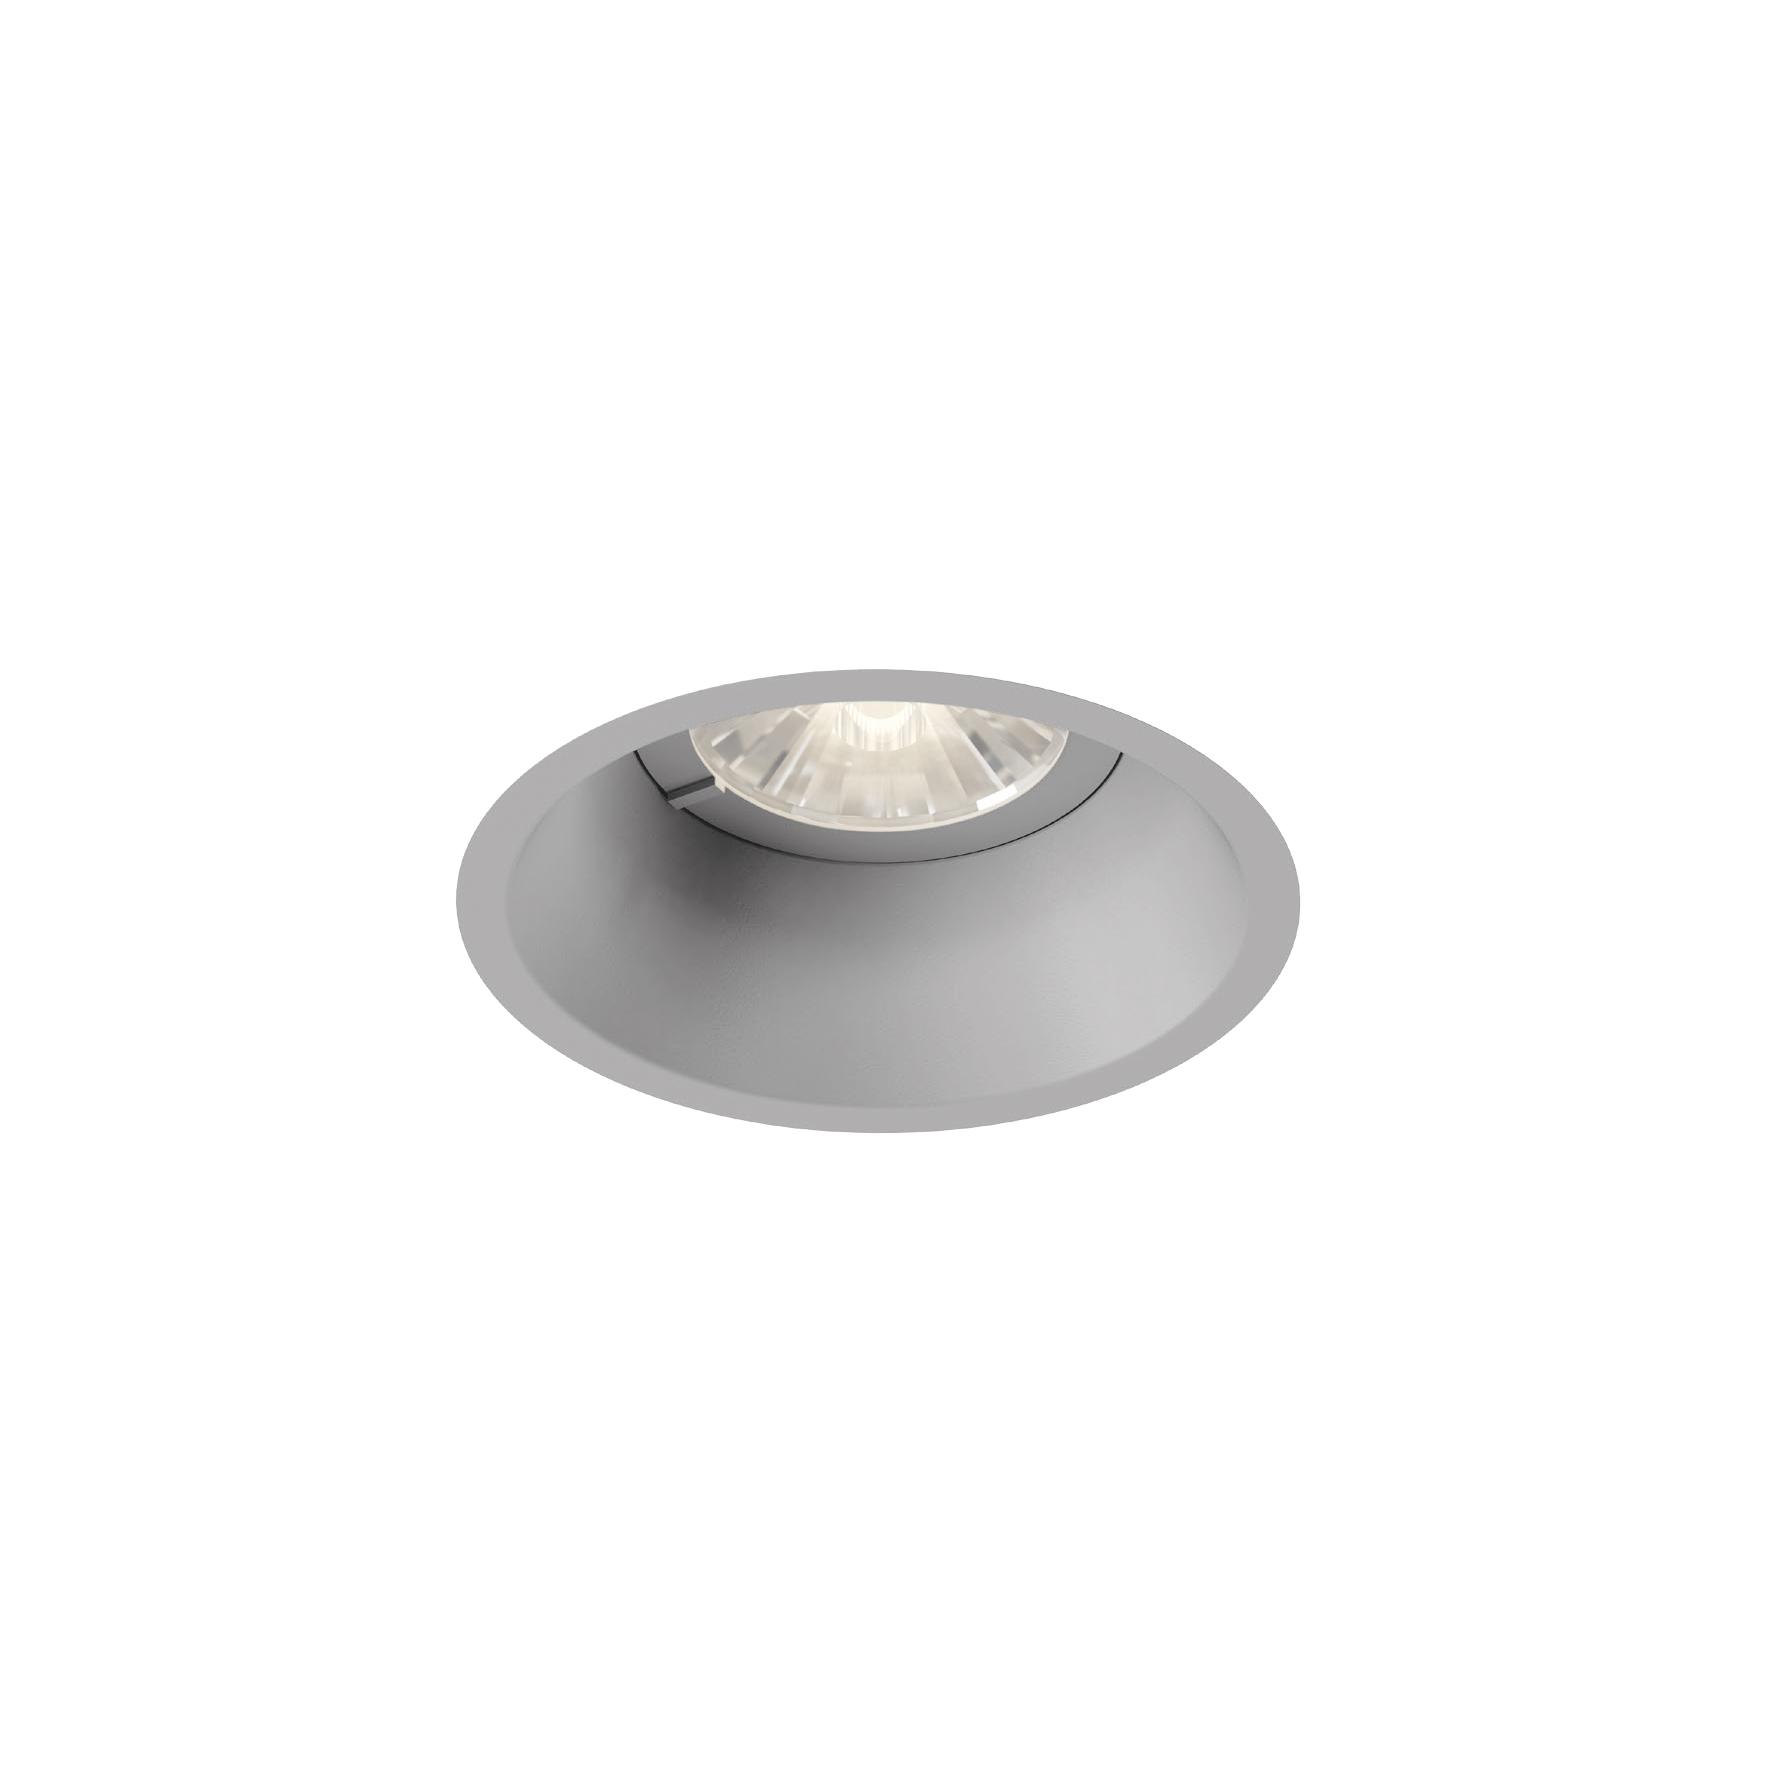 DEEP 1.0 LED 7/10W 530/710lm 2700K CRI90 36° IP20 süvisvalgusti, hämardatav, hall, liiteseadmeta